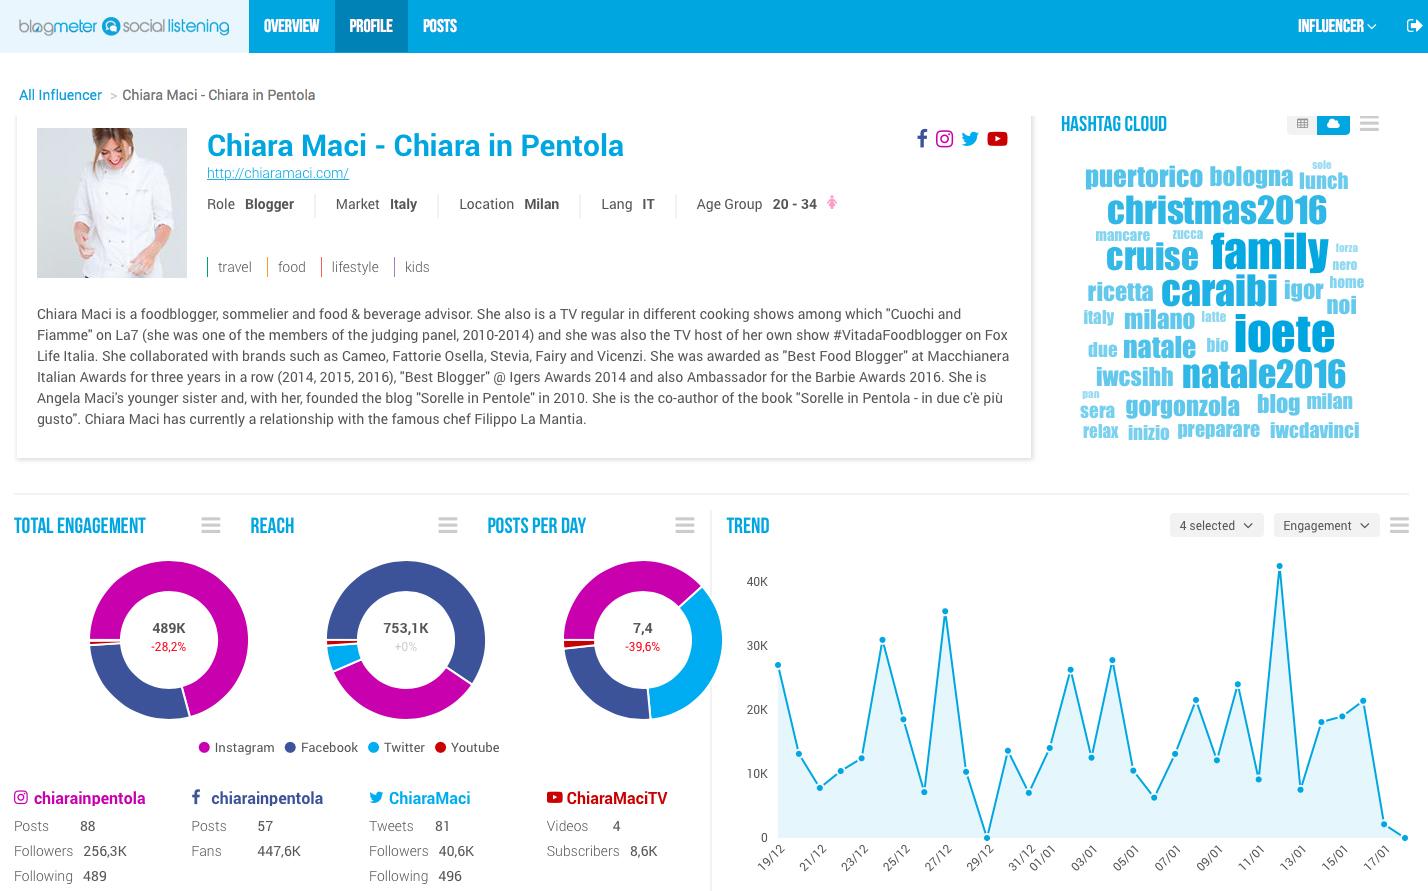 Trovare il social influencer giusto: nuovo tool per le aziende